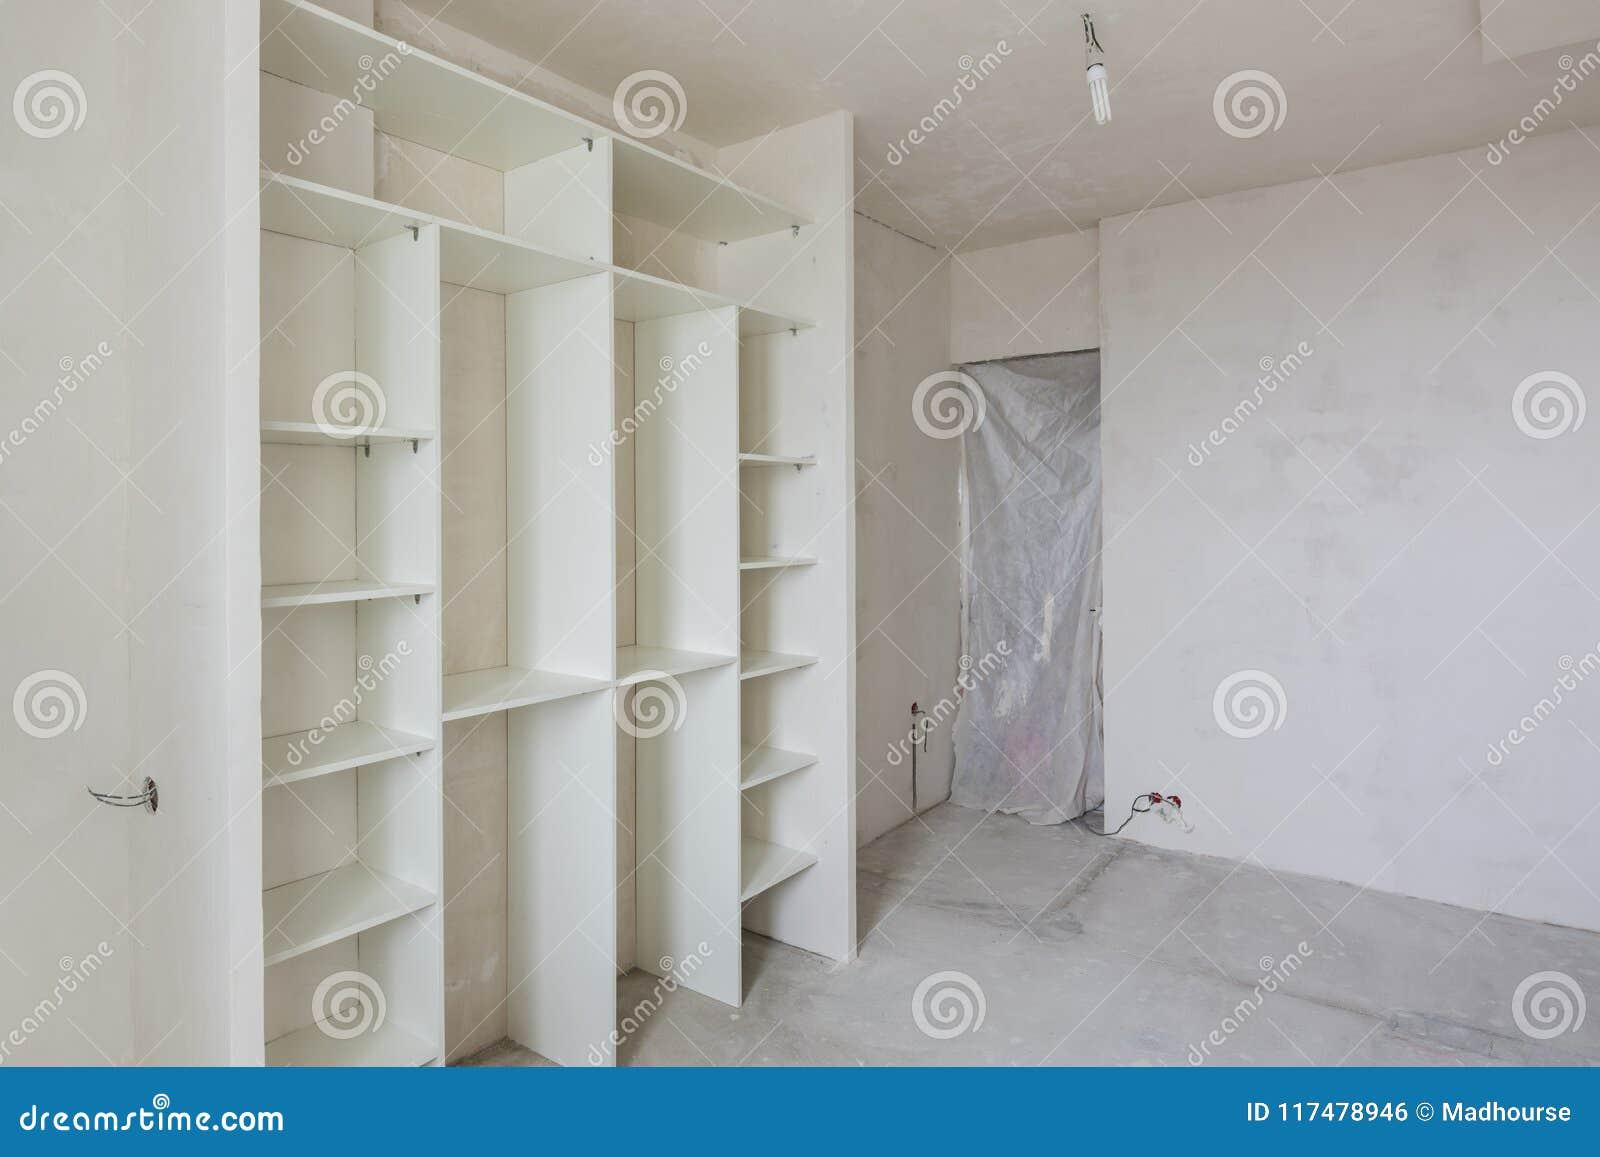 Reparatur Im Wohnzimmer Eines Neubaus Einbauschrank Und Geschlossen